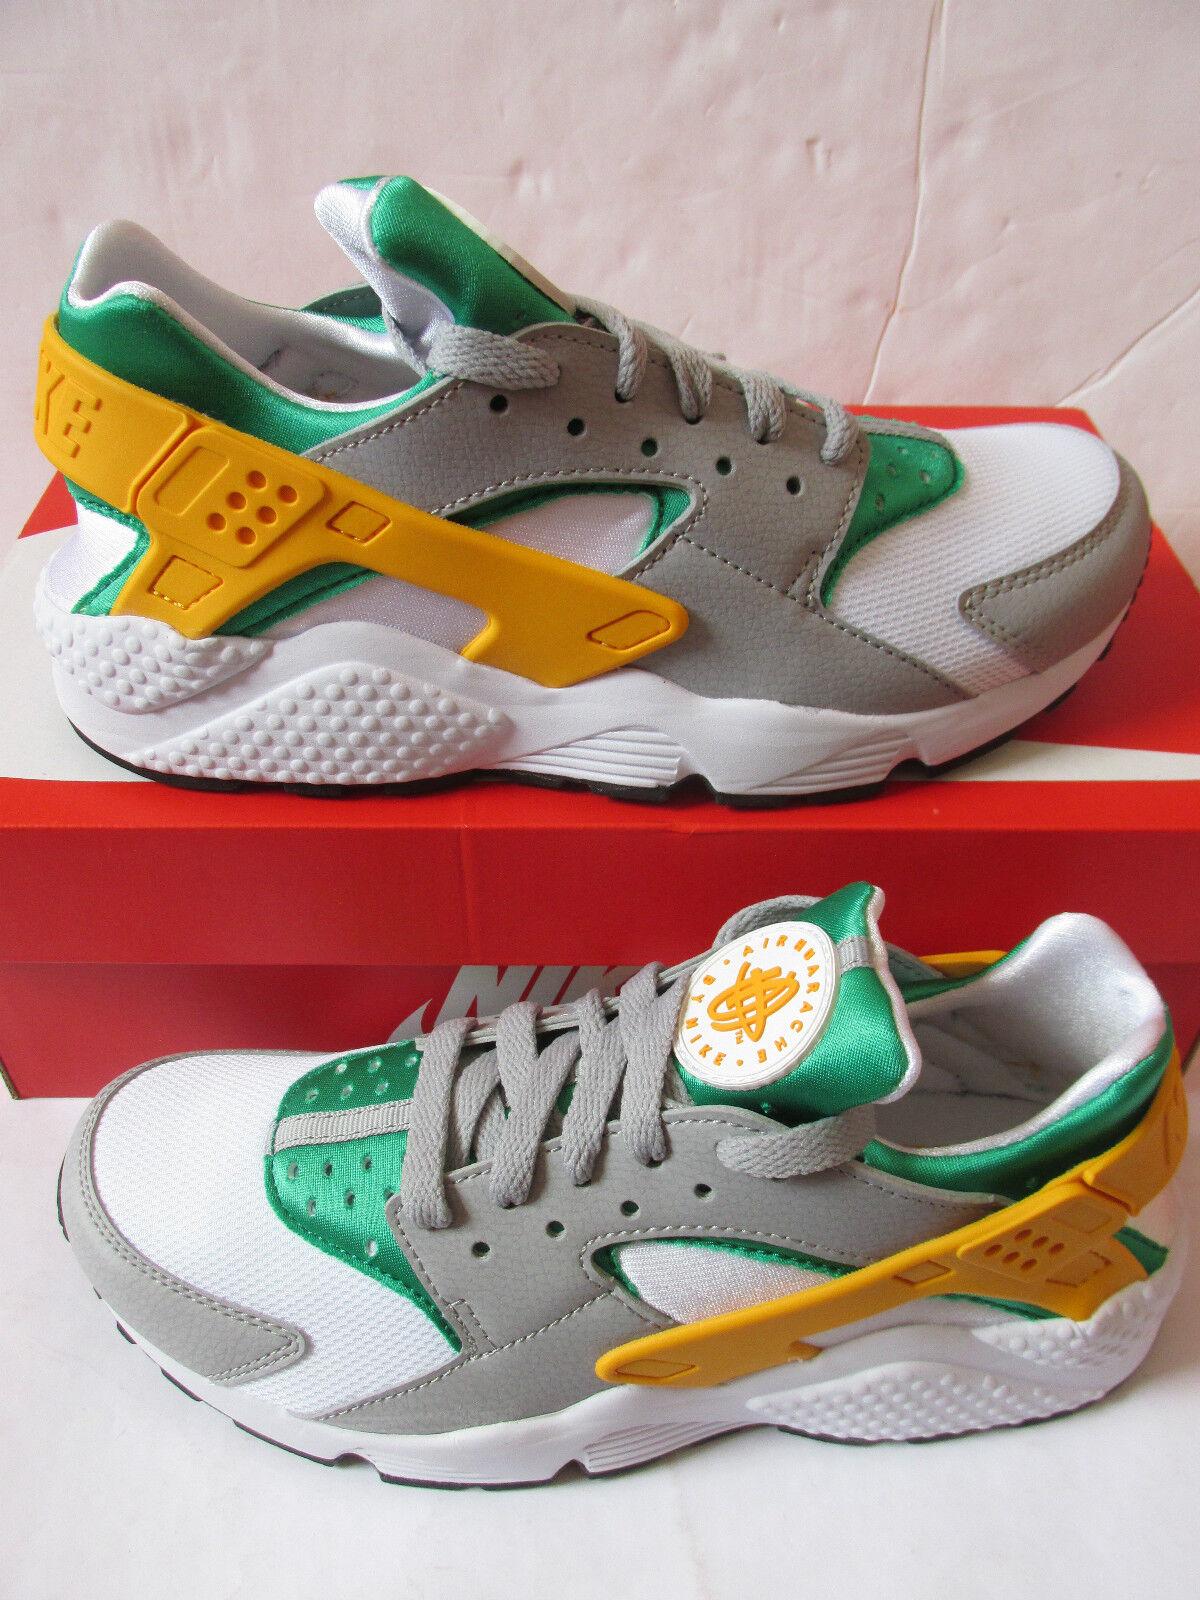 Nike Air Entrenadores Huarache Hombre Para Correr Entrenadores Air 318429 302 Tenis Zapatos 85242e